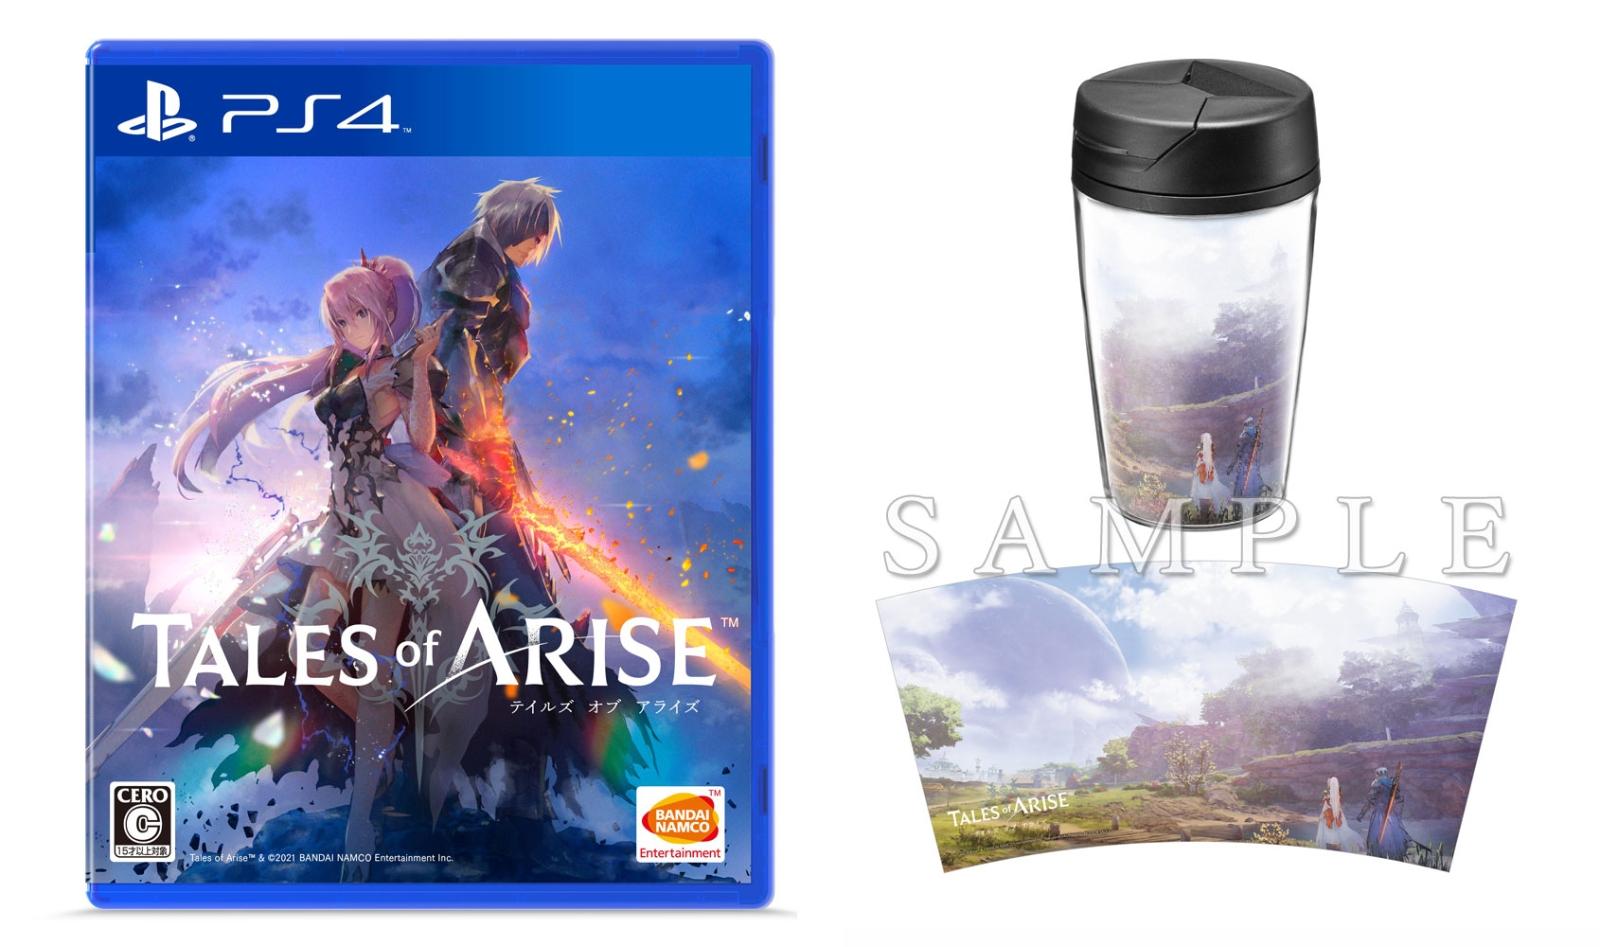 【予約】【楽天ブックス限定特典+特典】Tales of ARISE PS4版(オリジナルタンブラー+【早期購入封入特典】ダウンロードコンテンツ4種が入手できるプロダクトコード)